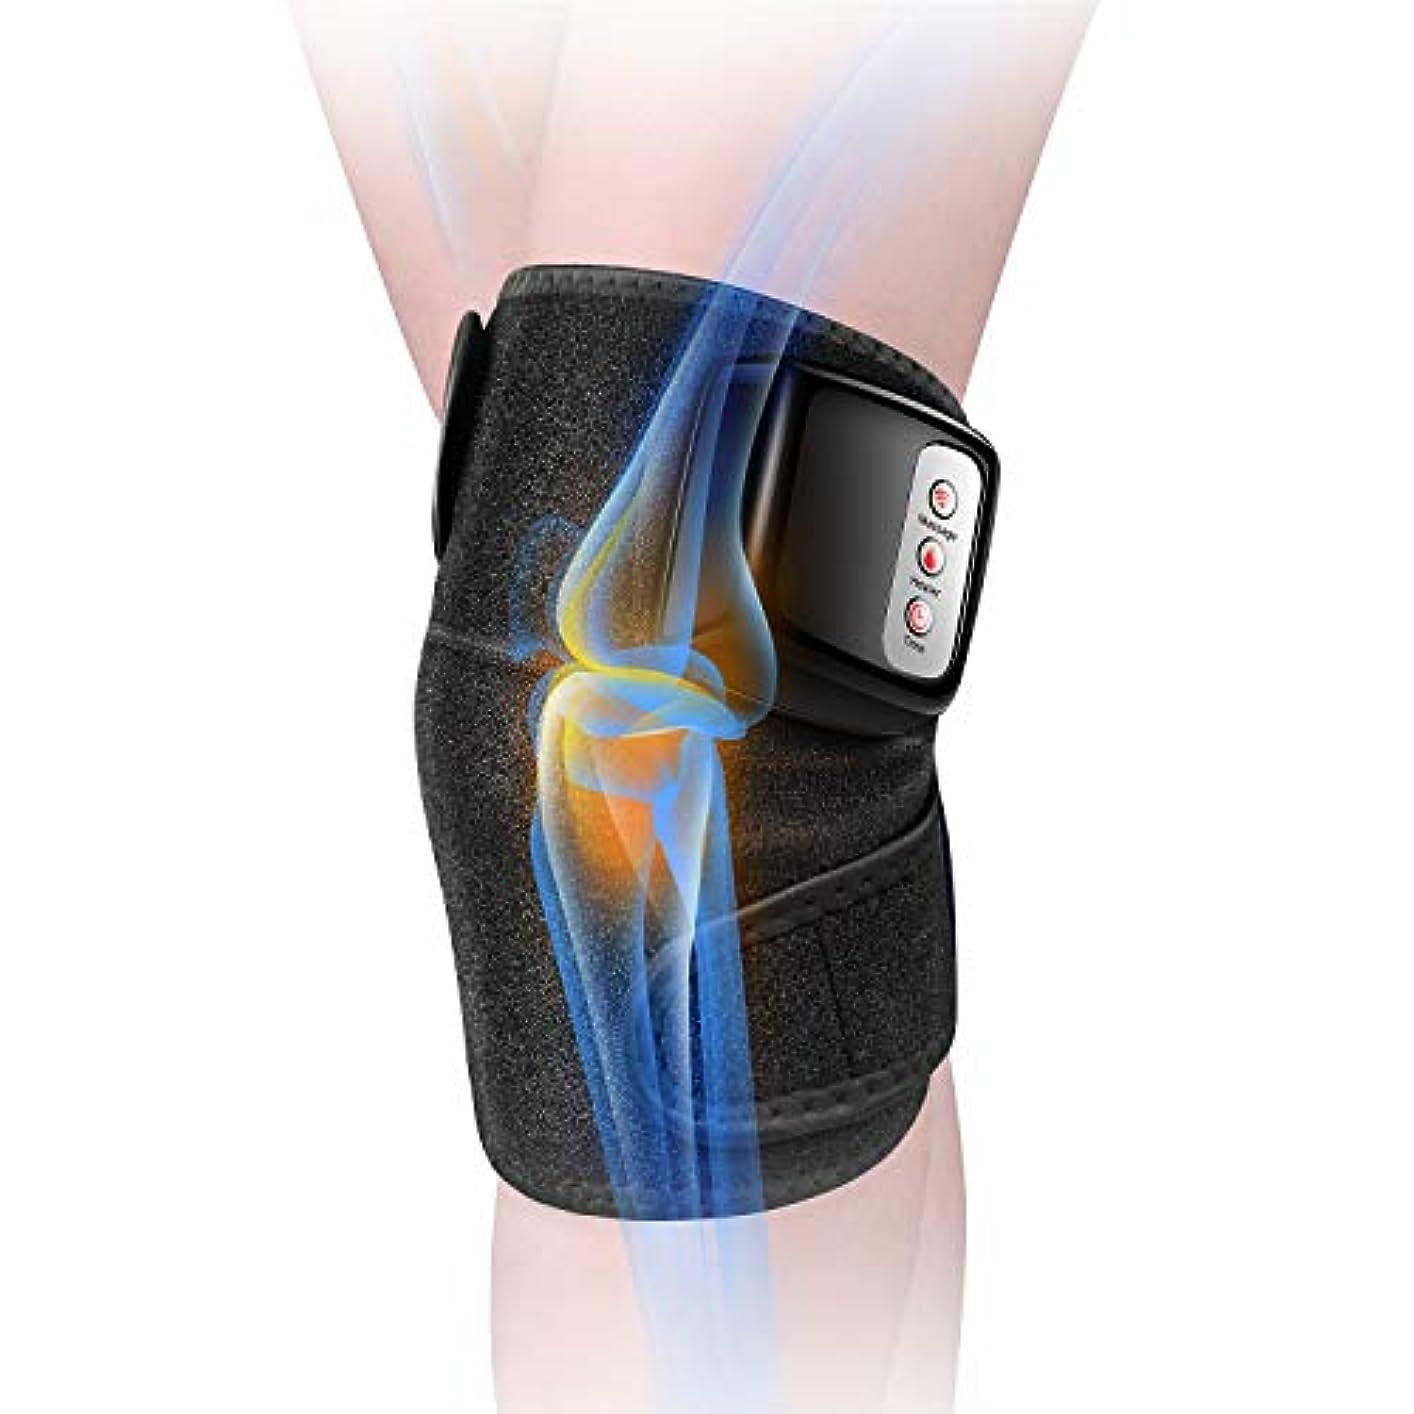 ラブ球状謙虚な膝マッサージャー 関節マッサージャー マッサージ器 フットマッサージャー 振動 赤外線療法 温熱療法 膝サポーター ストレス解消 肩 太もも/腕対応